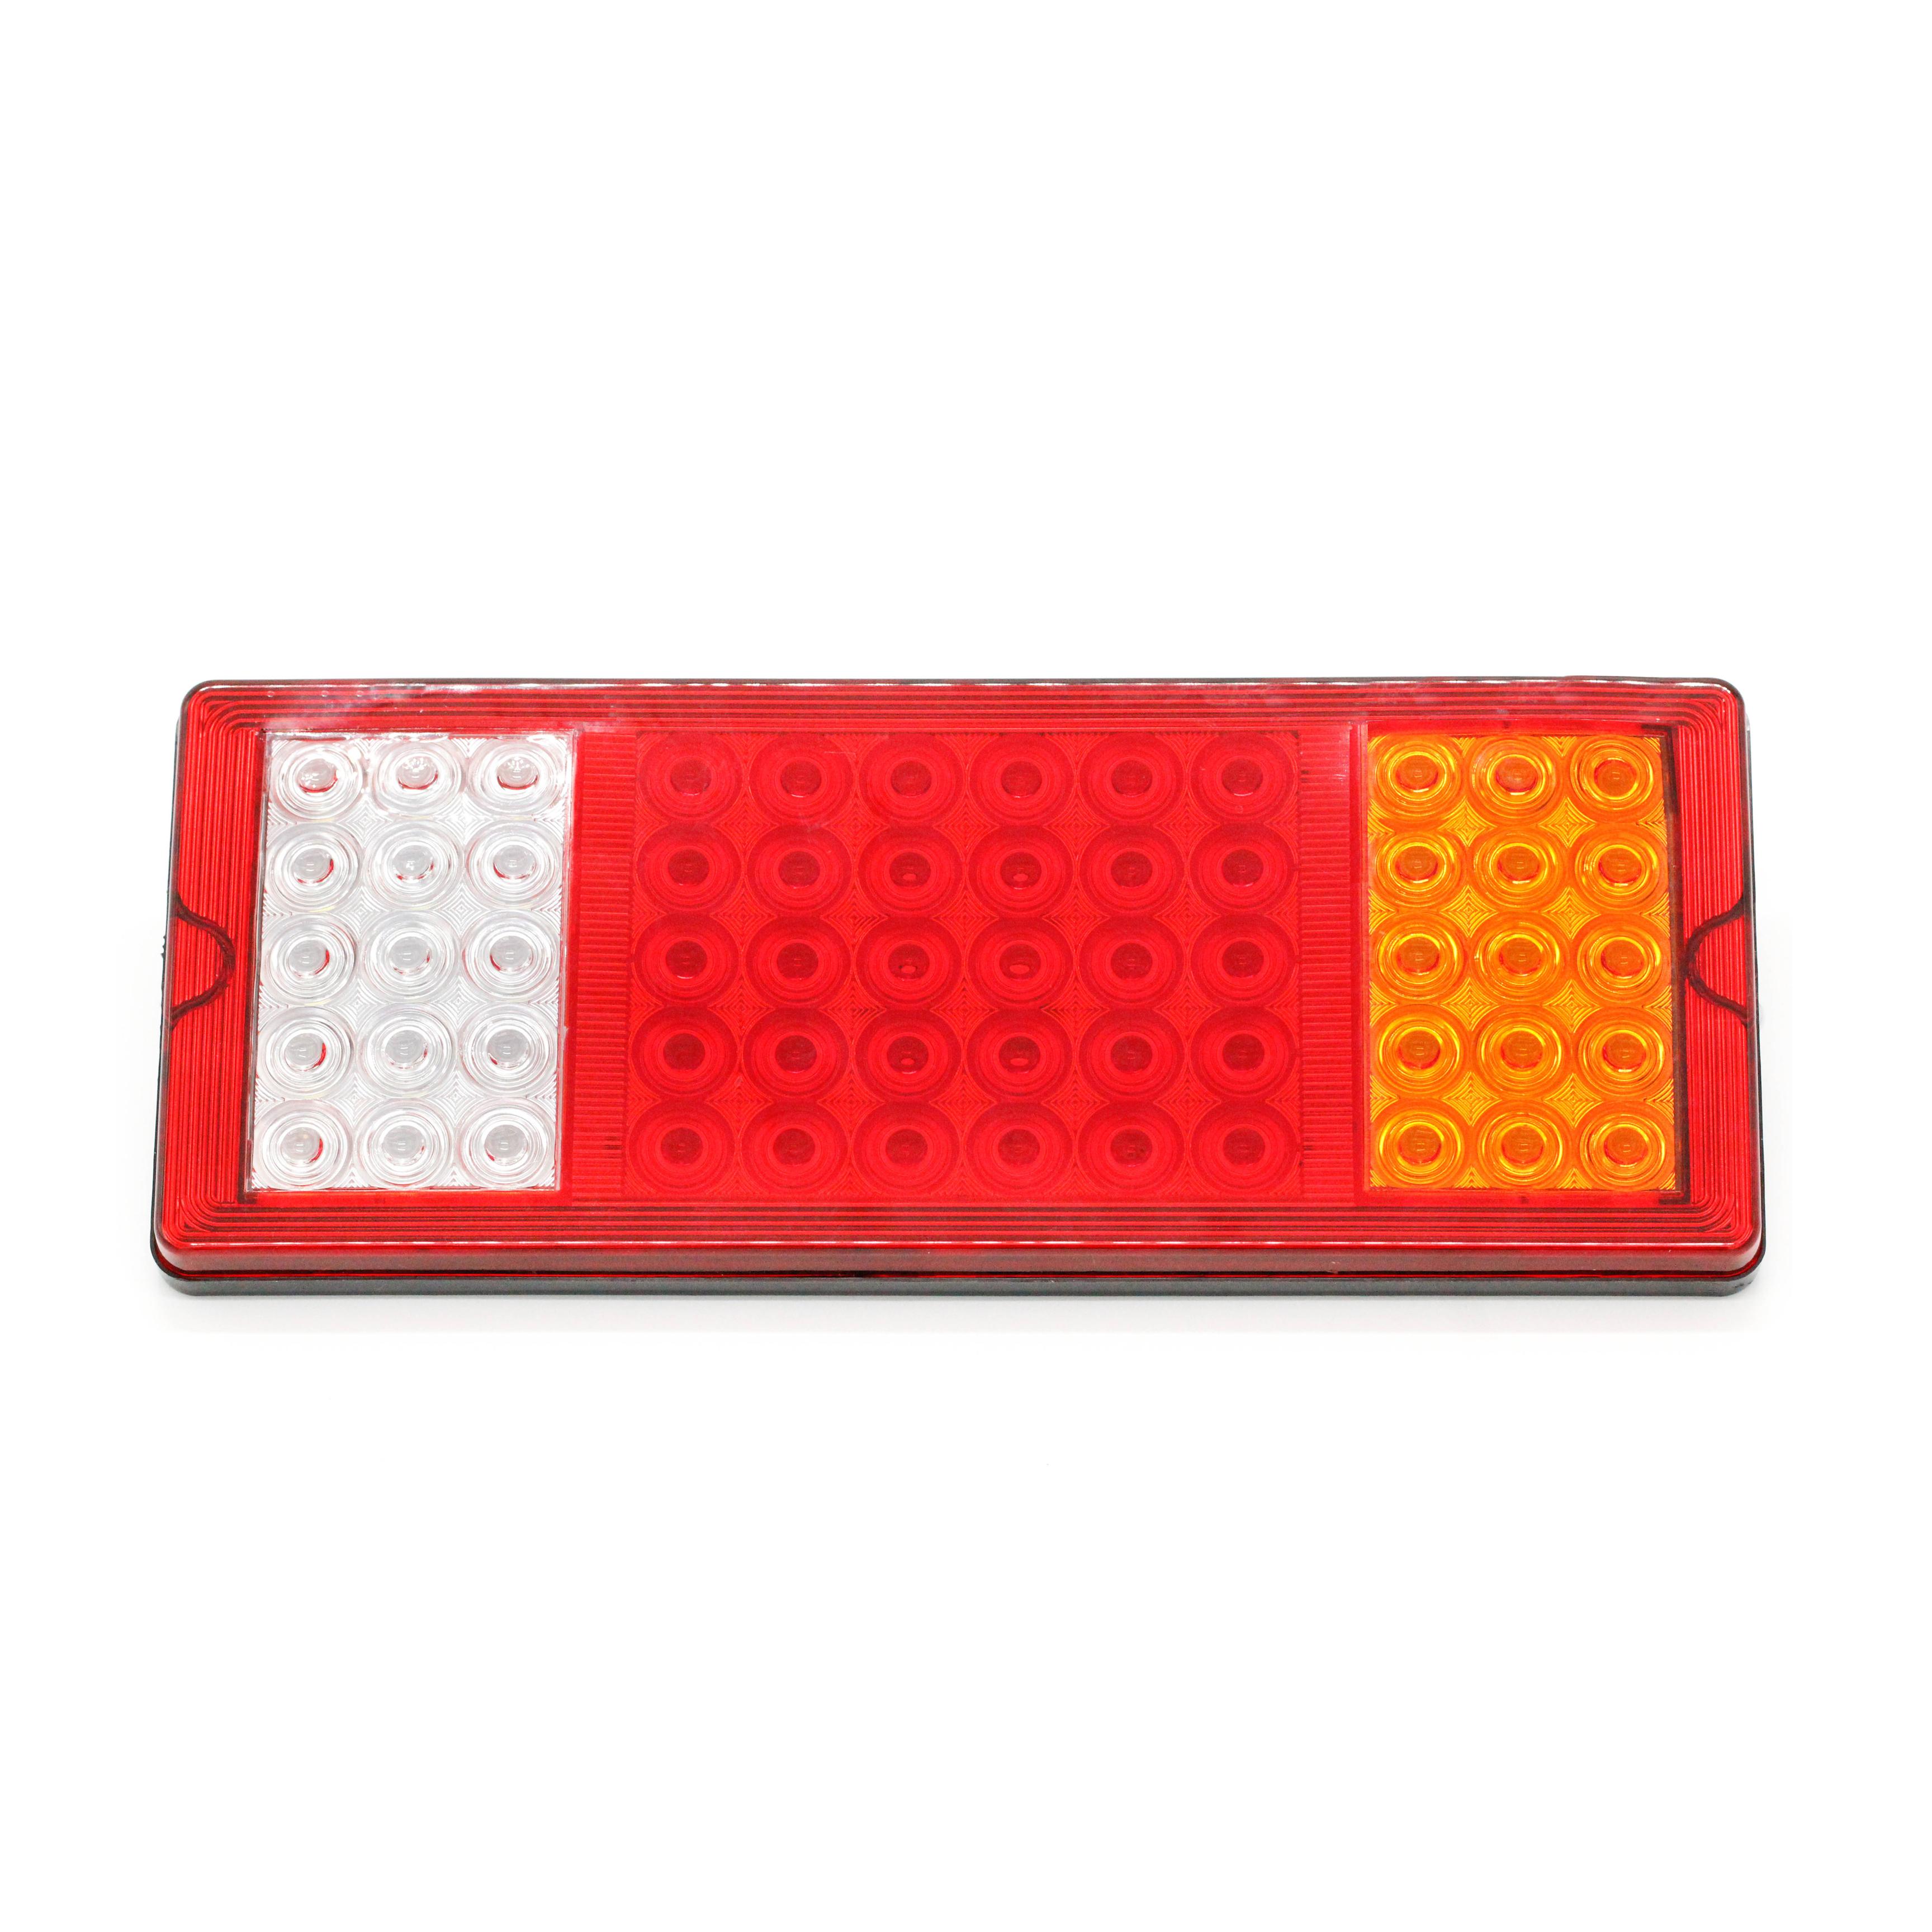 break htm bars light catalog hilites kc fog lights lighting truck